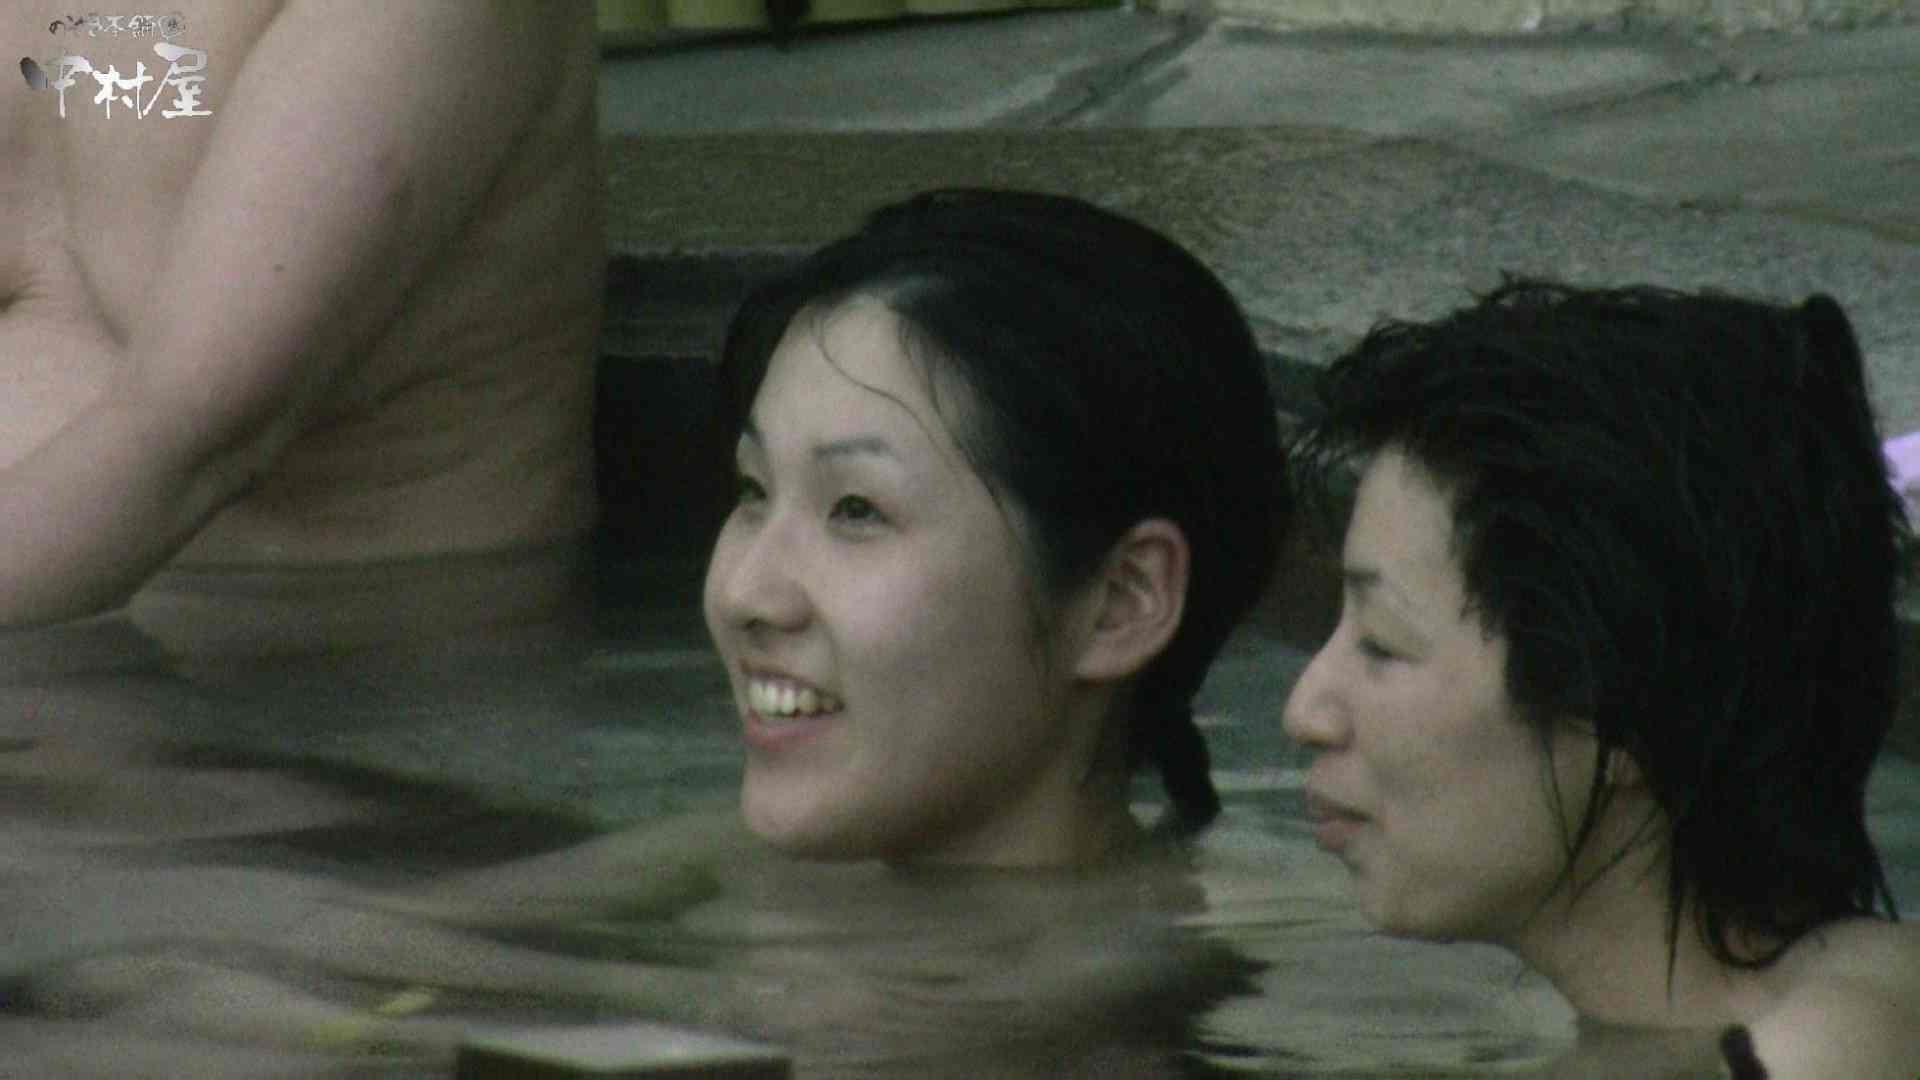 Aquaな露天風呂Vol.983 女体盗撮 隠し撮りおまんこ動画流出 53連発 14